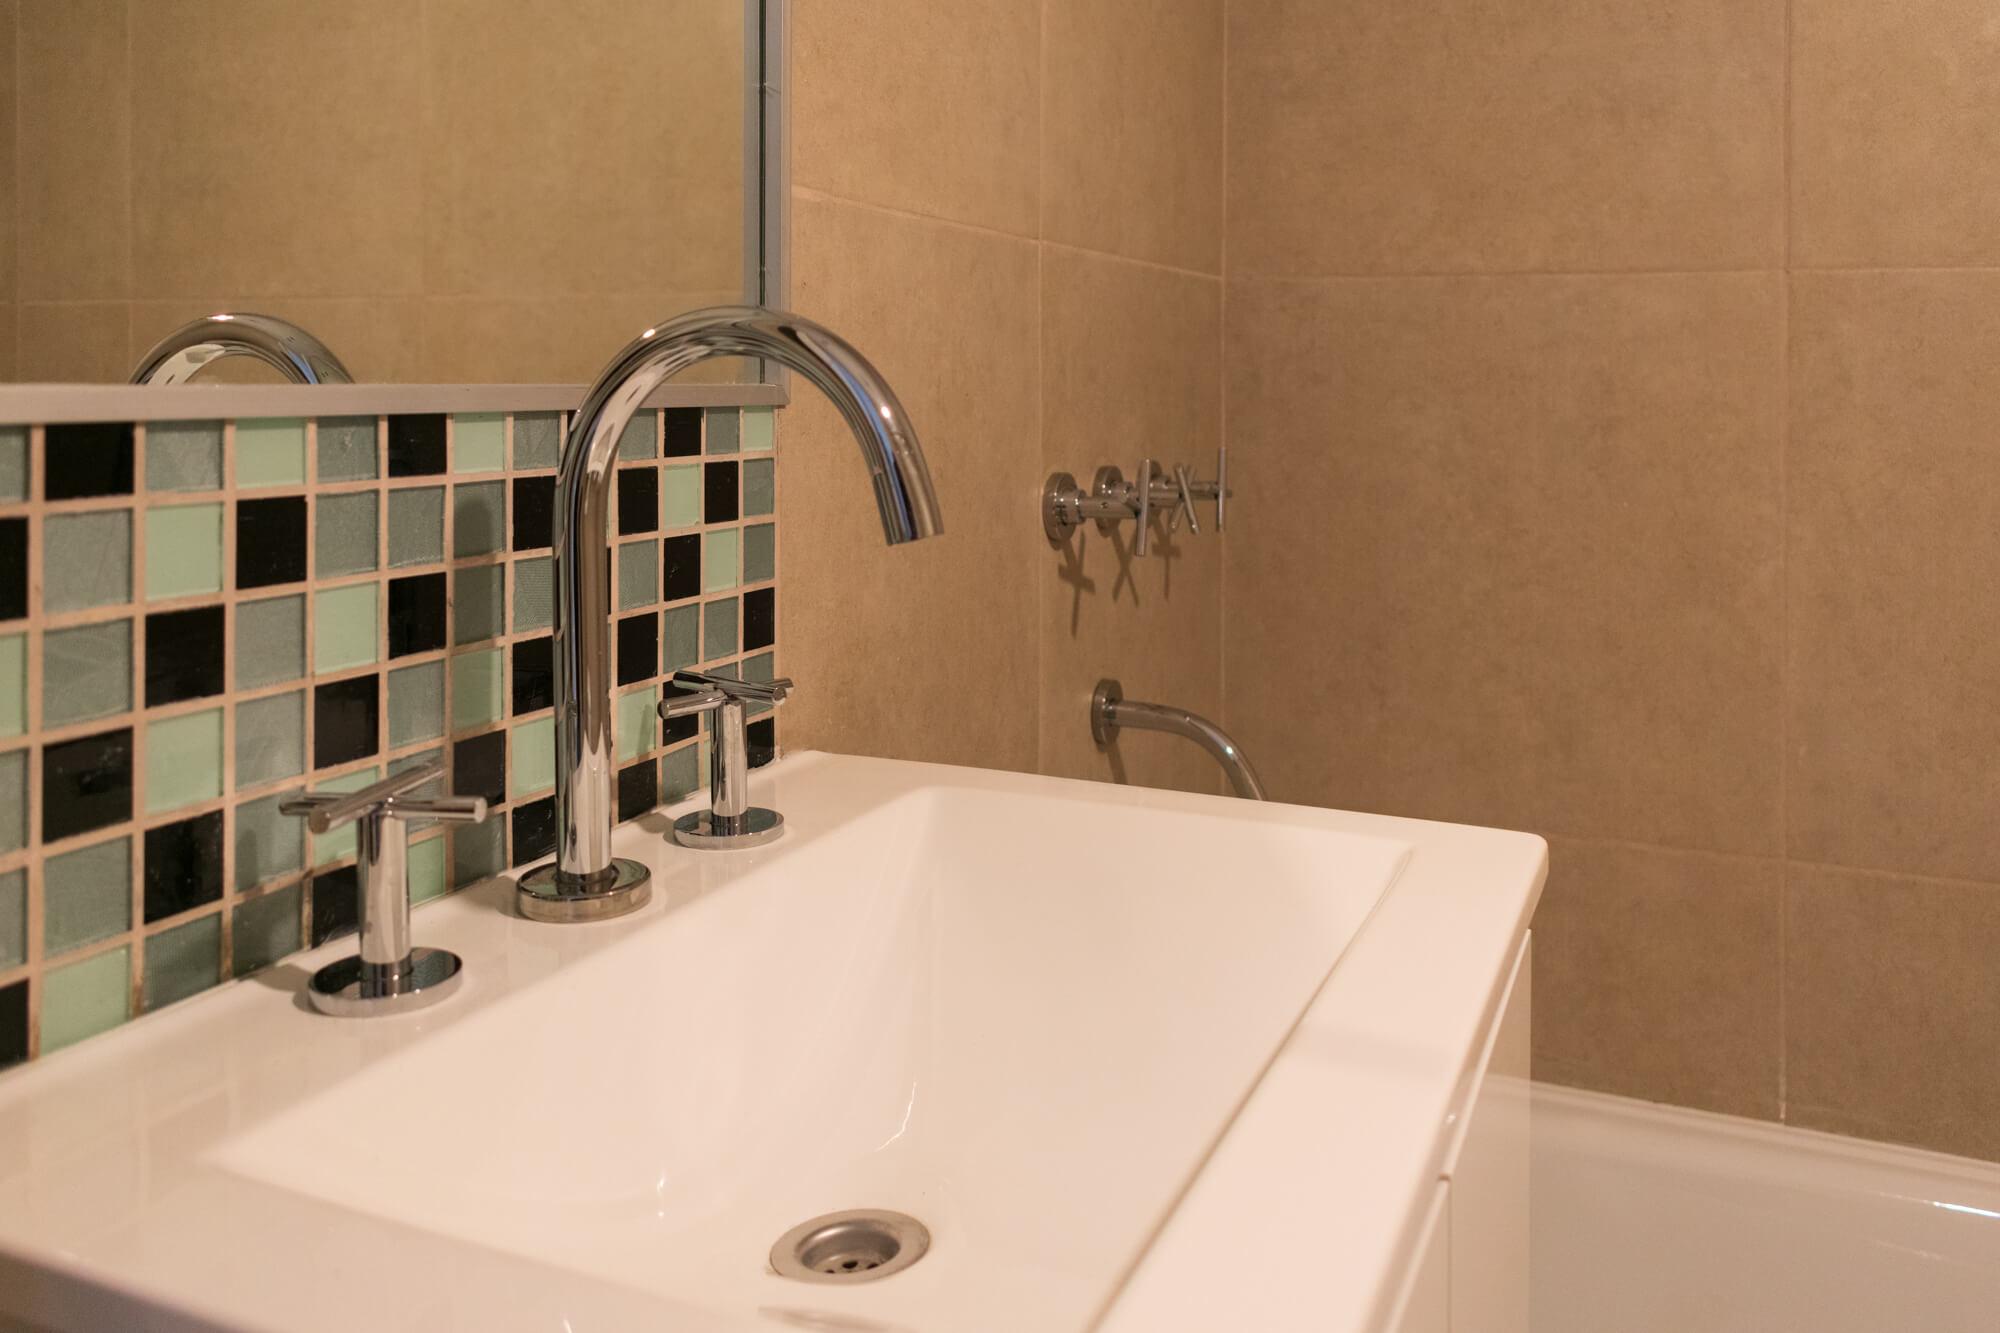 baño - Constructora en Rosario